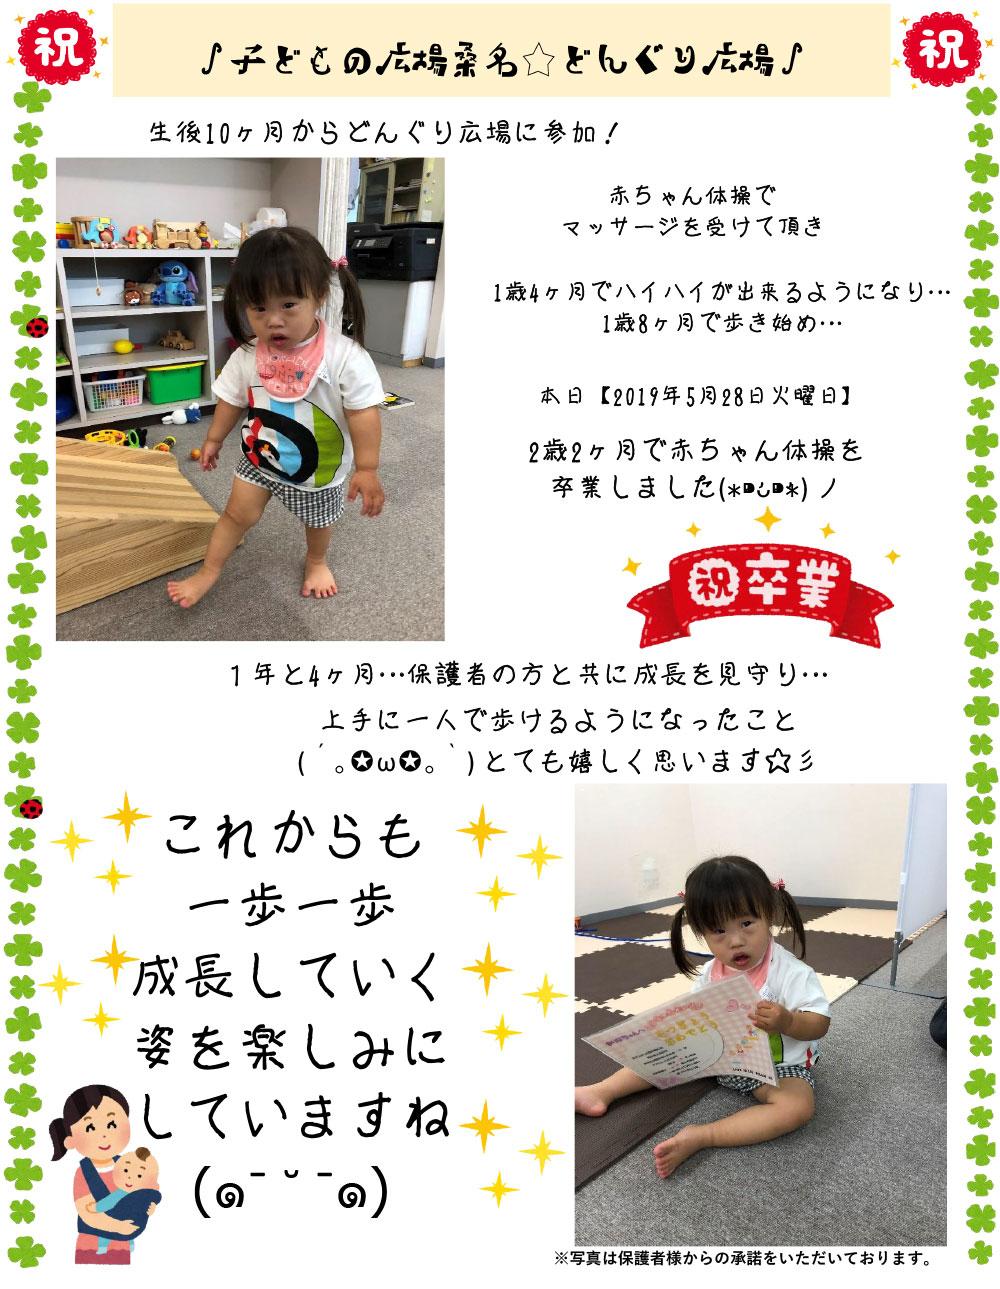 子供の広場桑名祝お知らせ画像